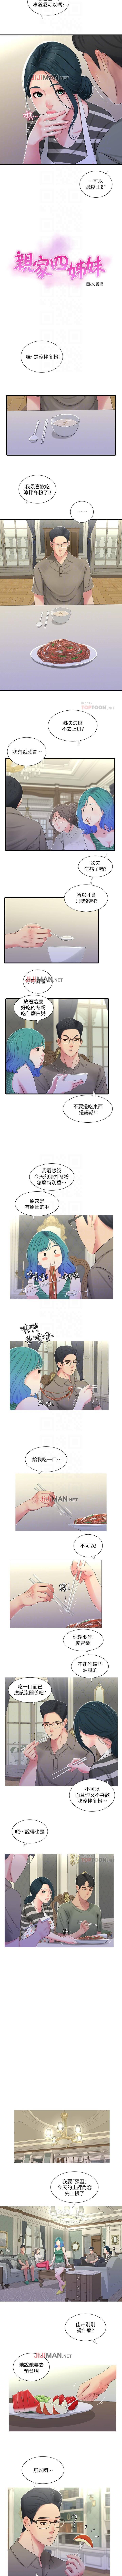 【周四连载】亲家四姐妹(作者:愛摸) 第1~31话 148